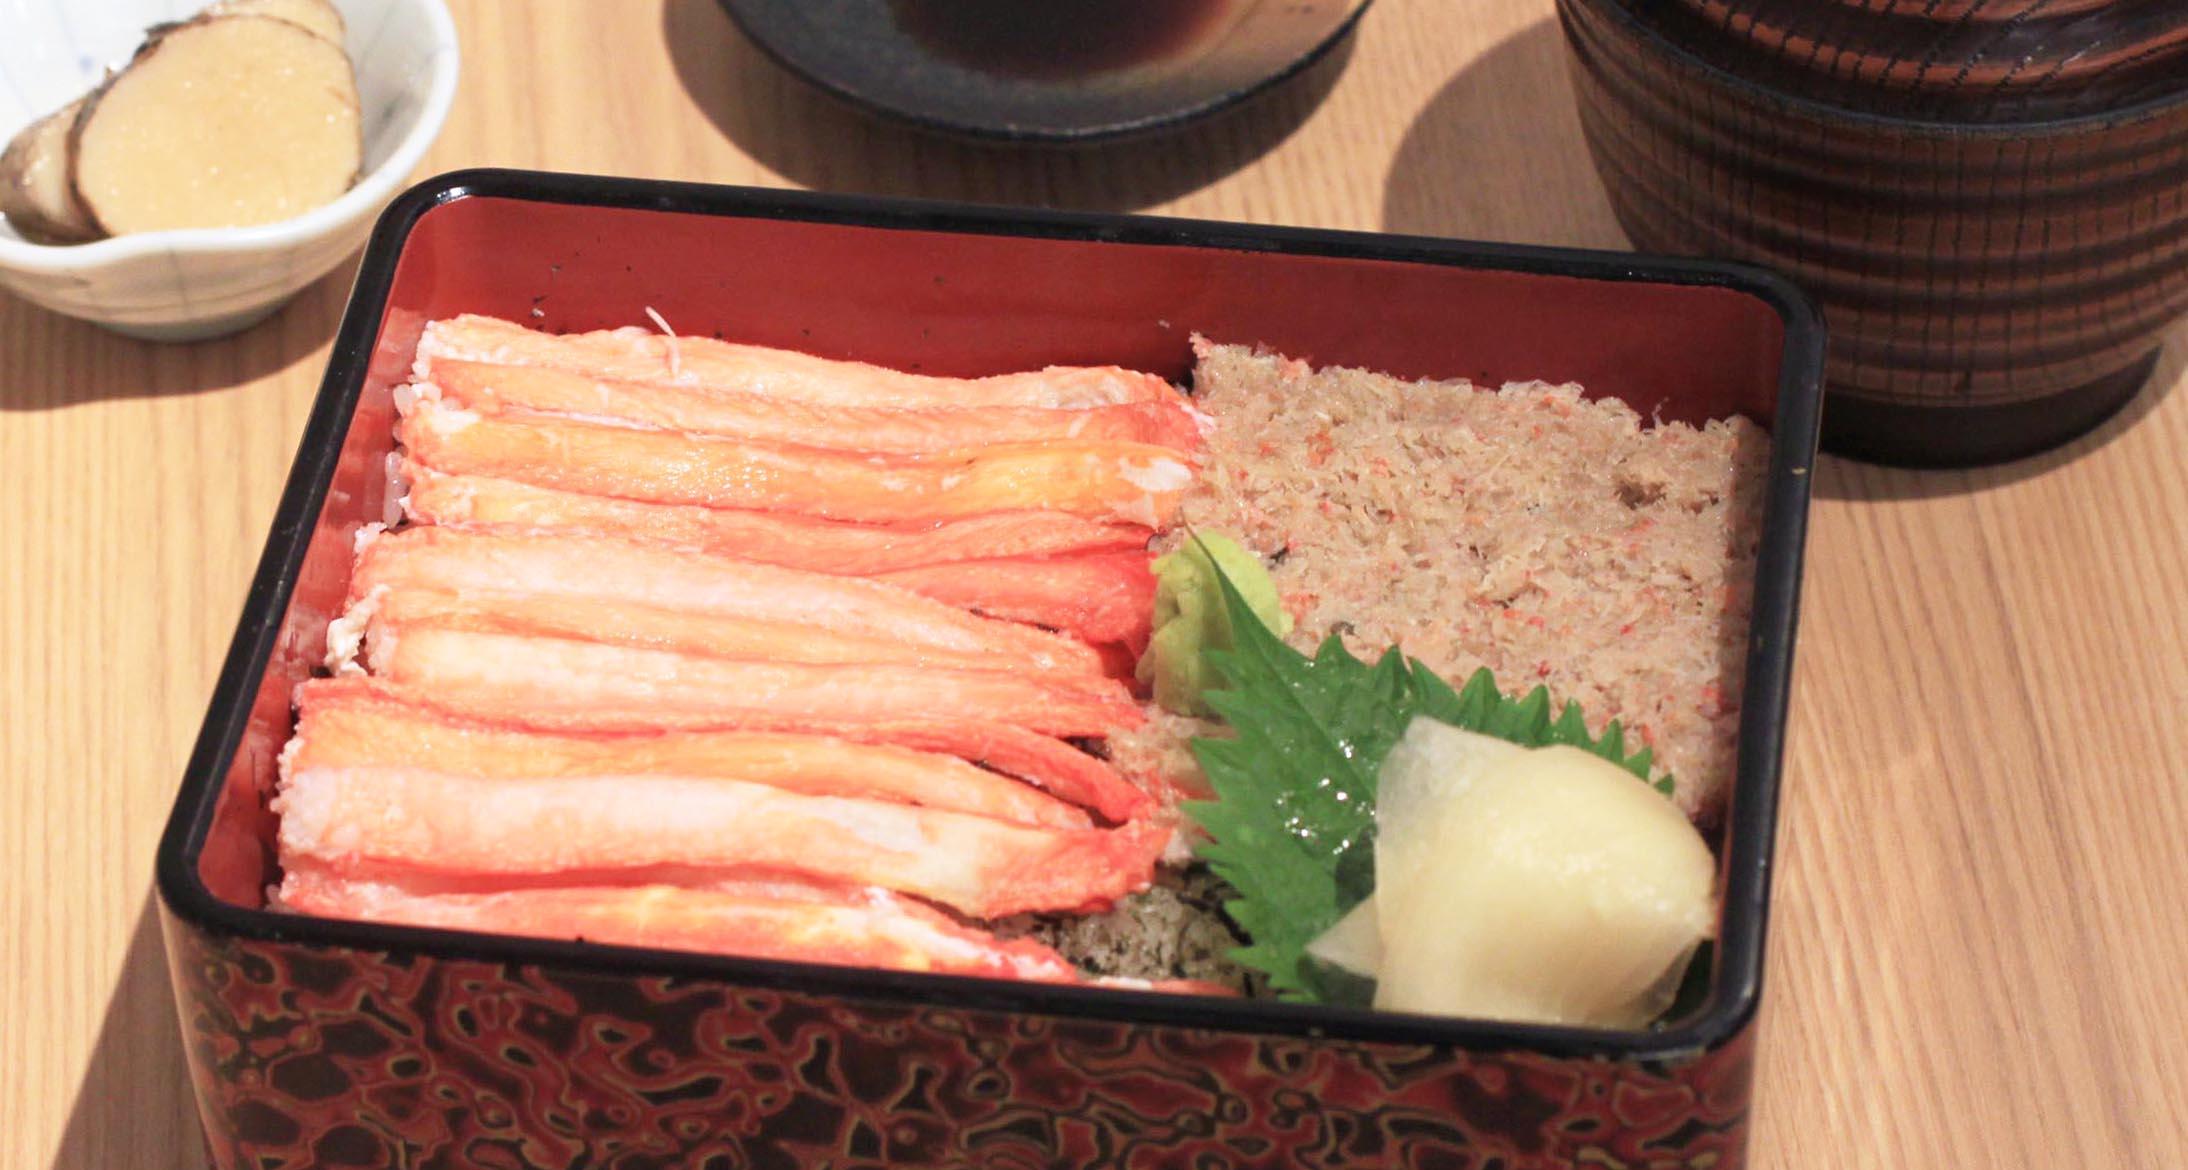 〈ランチメニュー〉紅ずわい蟹重